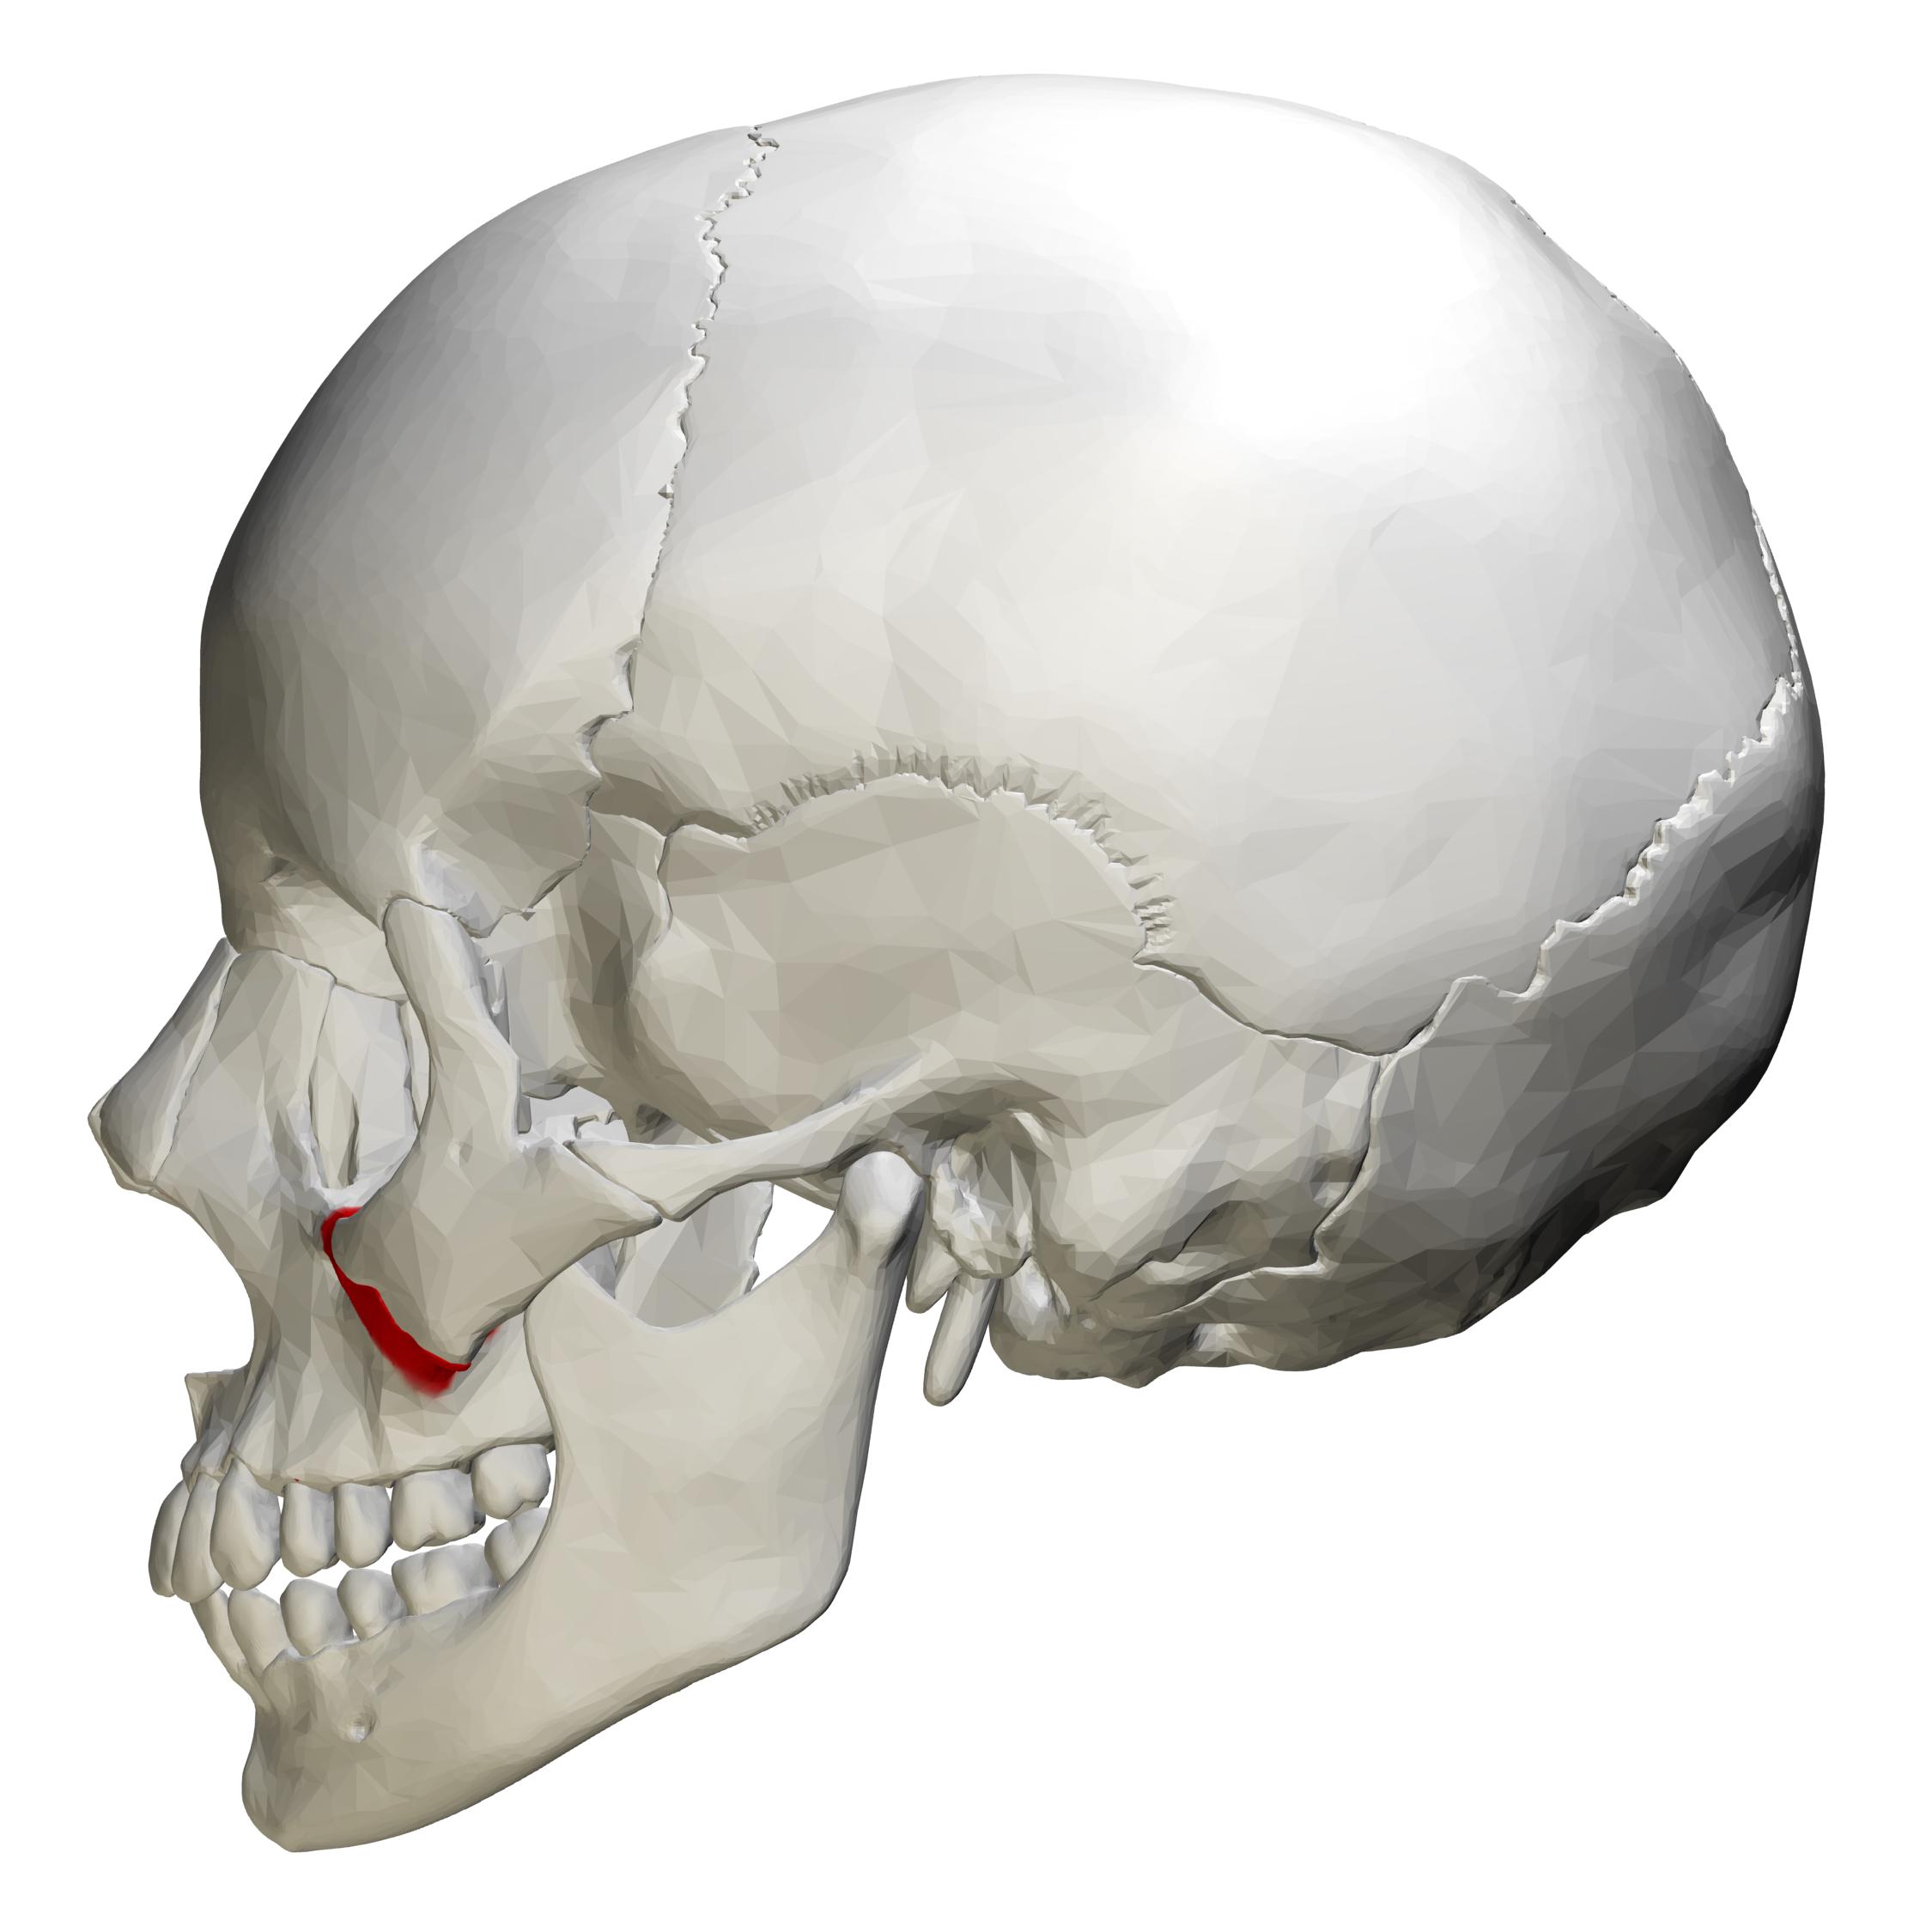 File:Zygomatic process of maxilla - skull - lateral view ... Zygomatic Process Of Maxilla